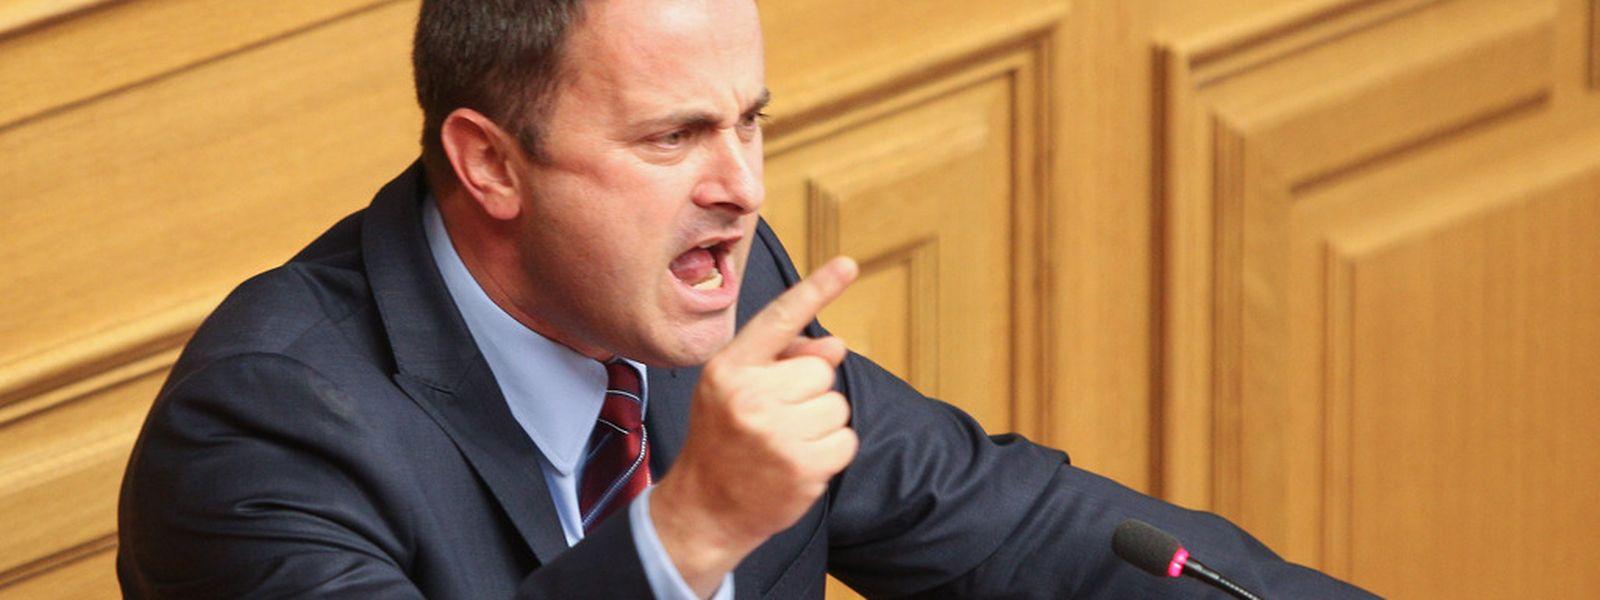 Xavier Bettel bei seiner Regierungserklärung am 14. Oktober: Auch die Protagonisten der neuen Mehrheit haben bisher nicht zu einem Wandel der politischen Debattenkultur im Land beigetragen.